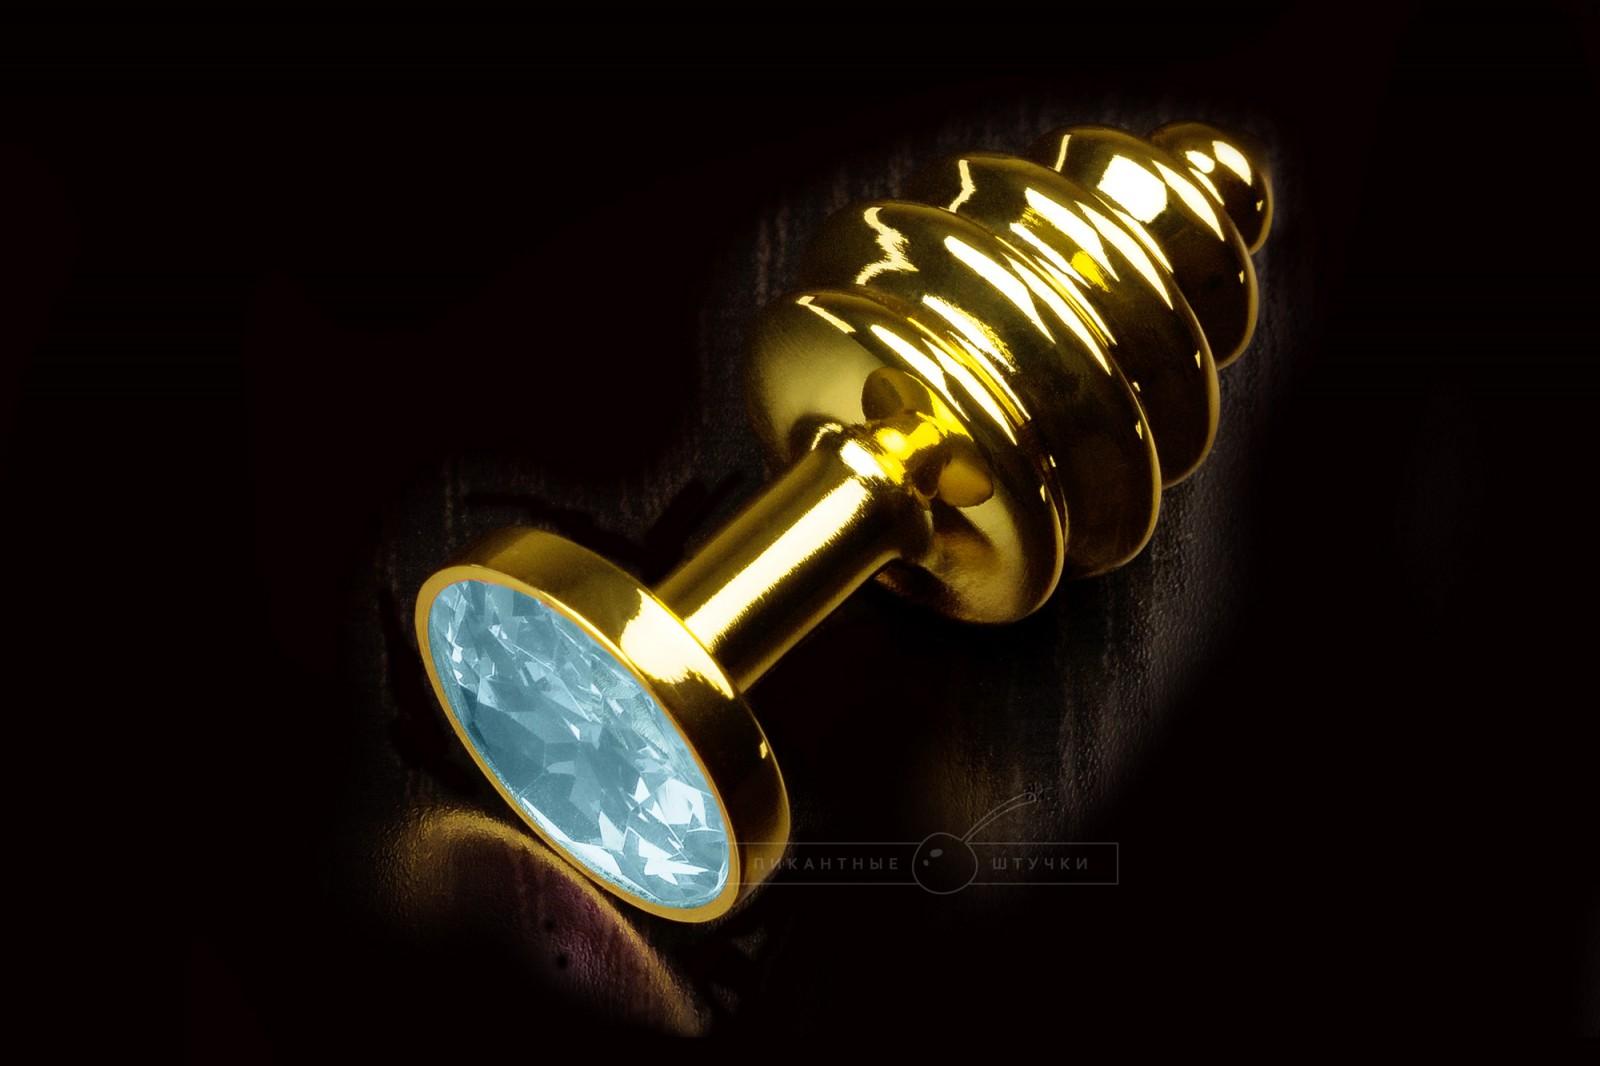 Маленькая витая анальная пробка золотистая с кристаллом, голубым